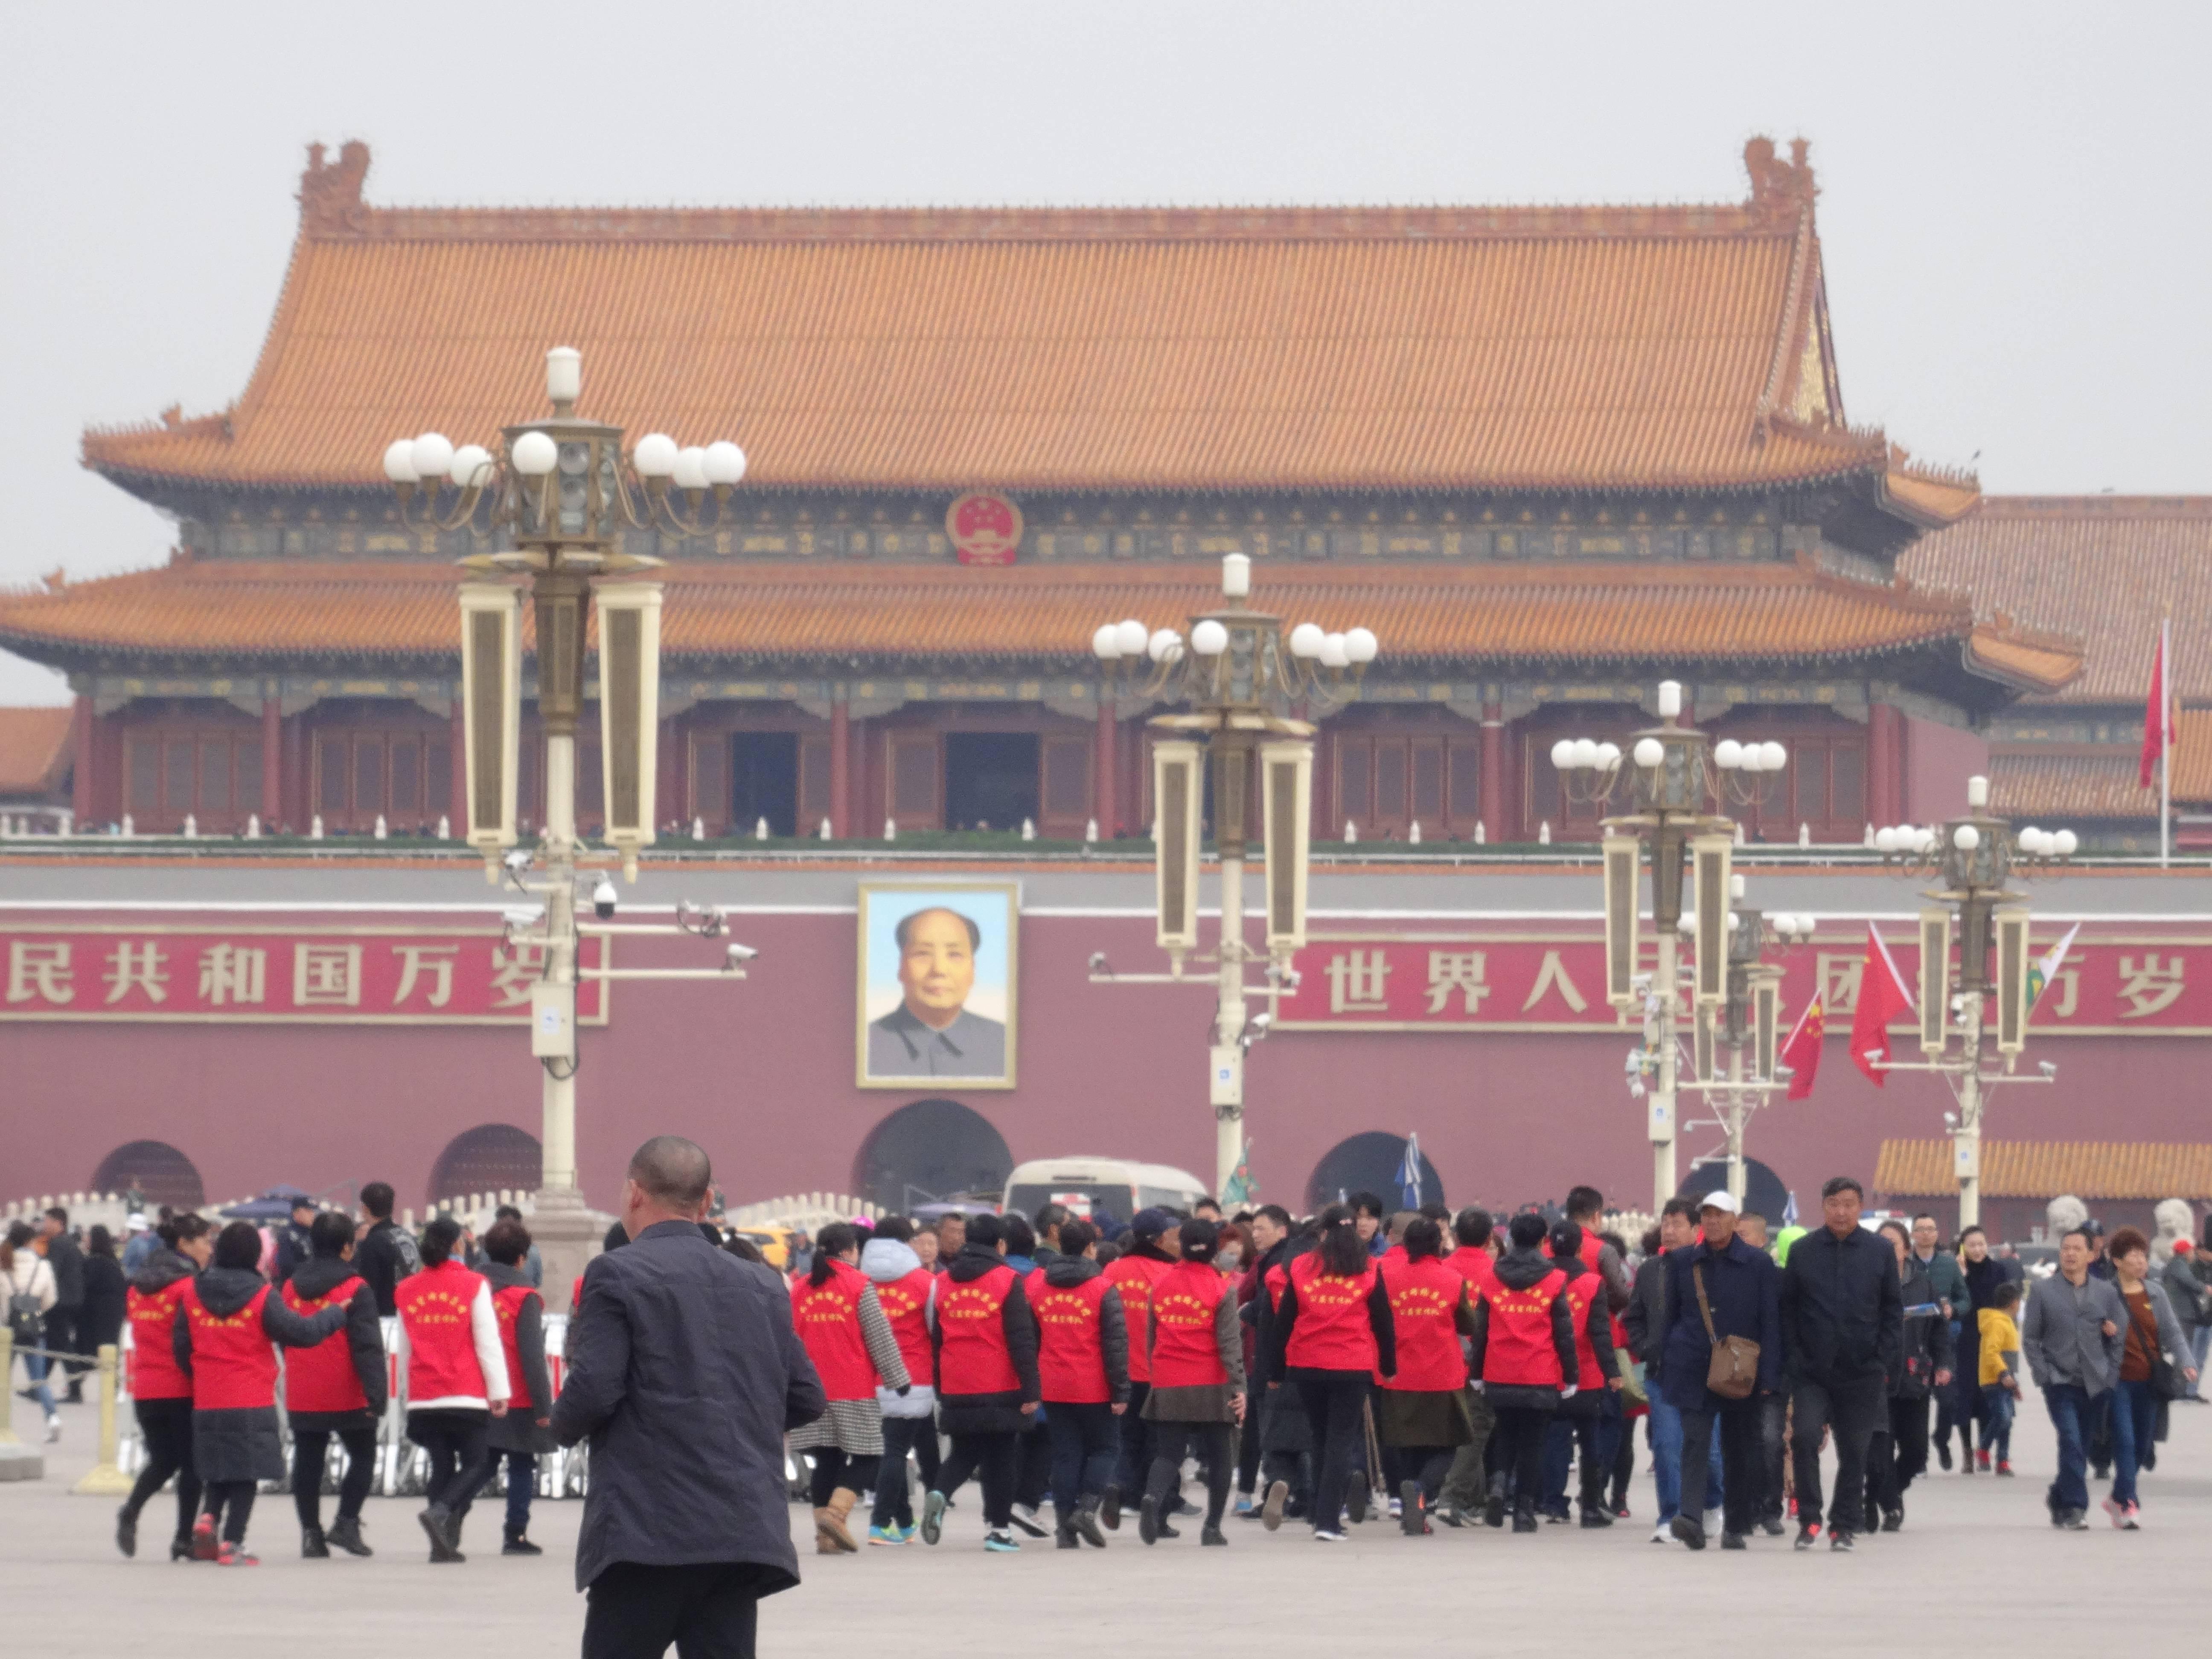 Photo 1: Chine, Pékin, la Place Tien'anmen....un incontournable...